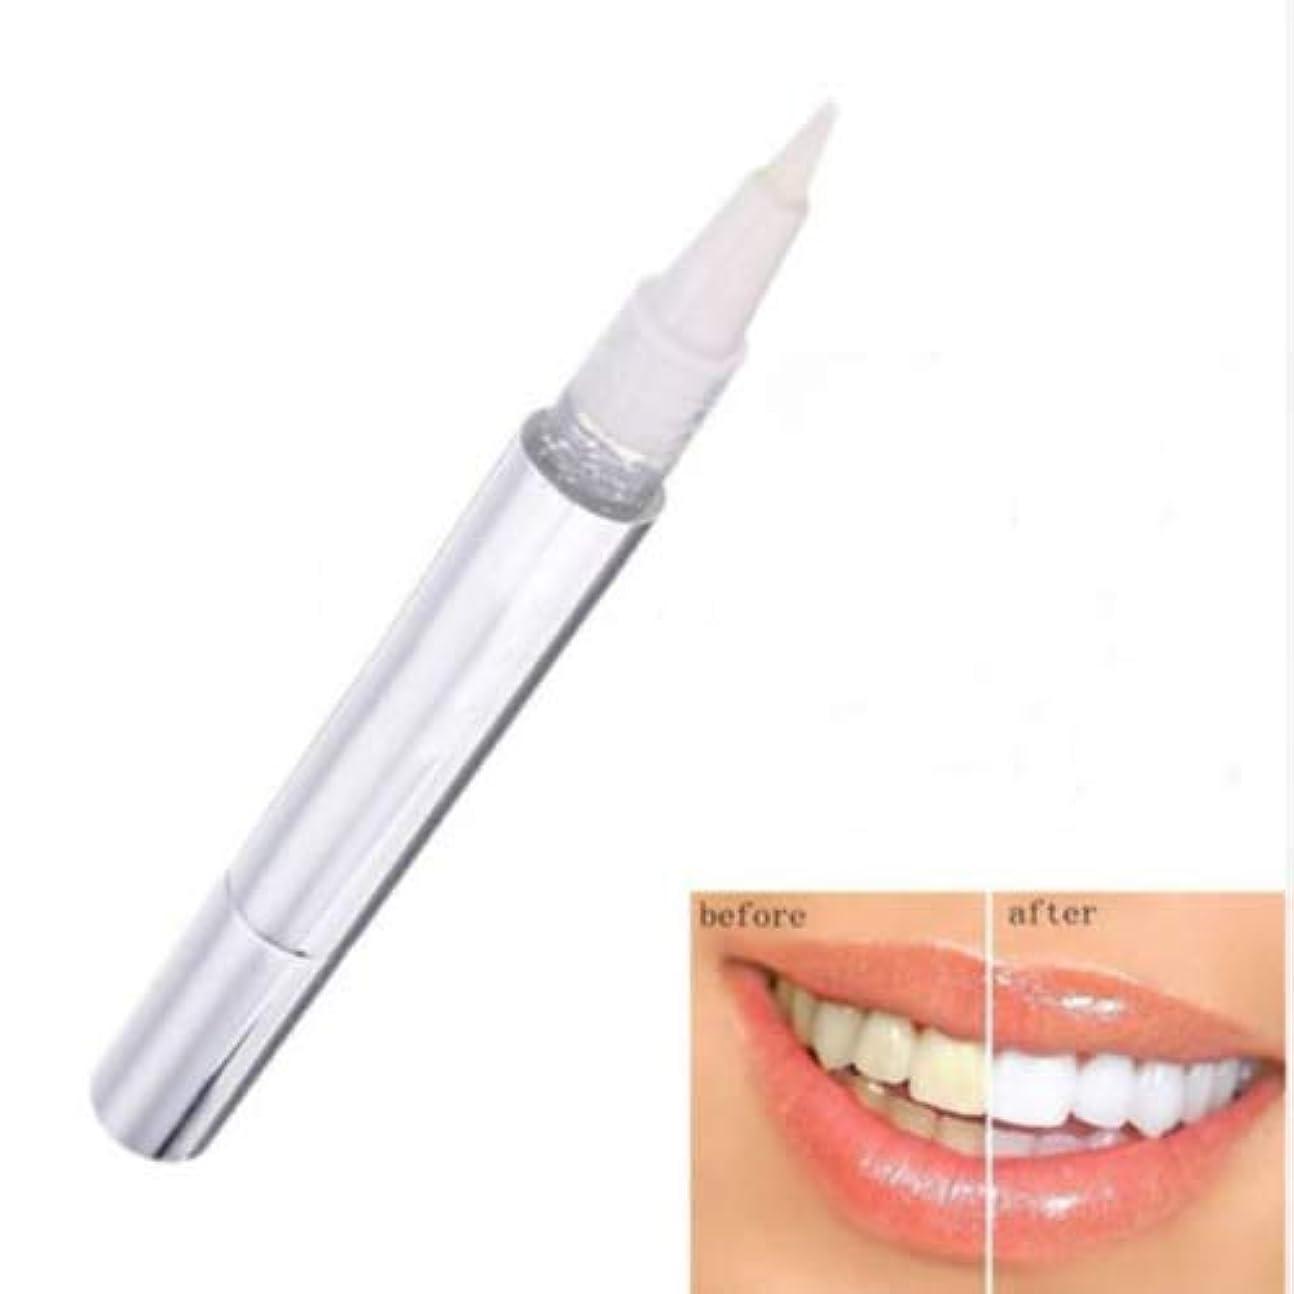 力ロードされた節約歯美白 歯ホワイトニング チャコールホワイトニング 歯ケア 美白歯磨き 歯のホワイトニング 歯マニキュア 歯美白 美白歯磨剤